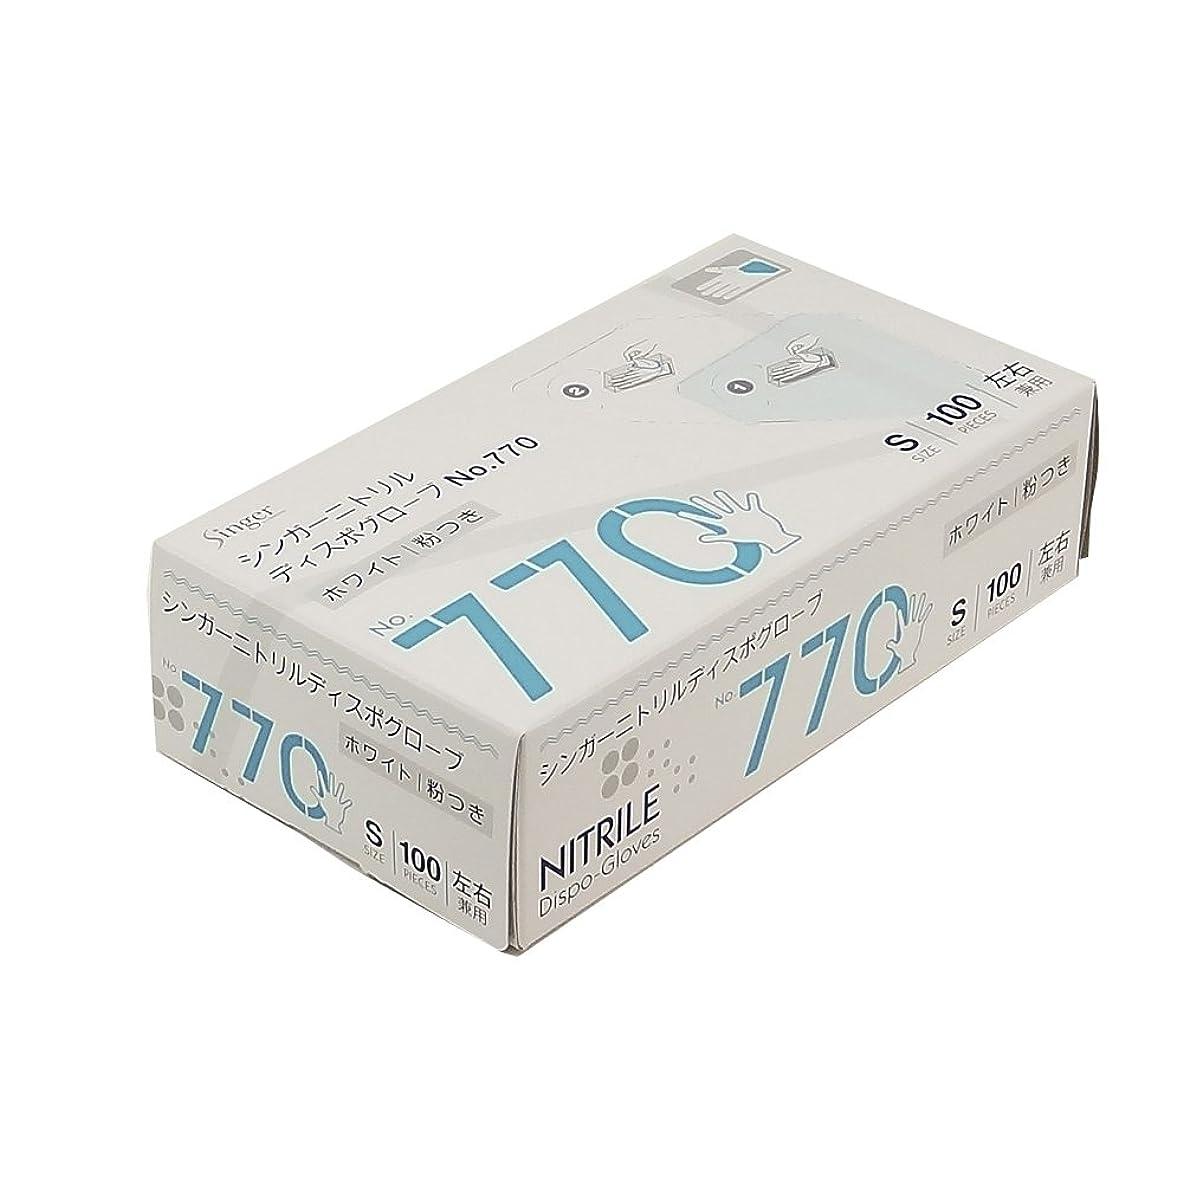 本それる付き添い人宇都宮製作 ディスポ手袋 シンガーニトリルディスポグローブ No.770 ホワイト 粉付 100枚入  S